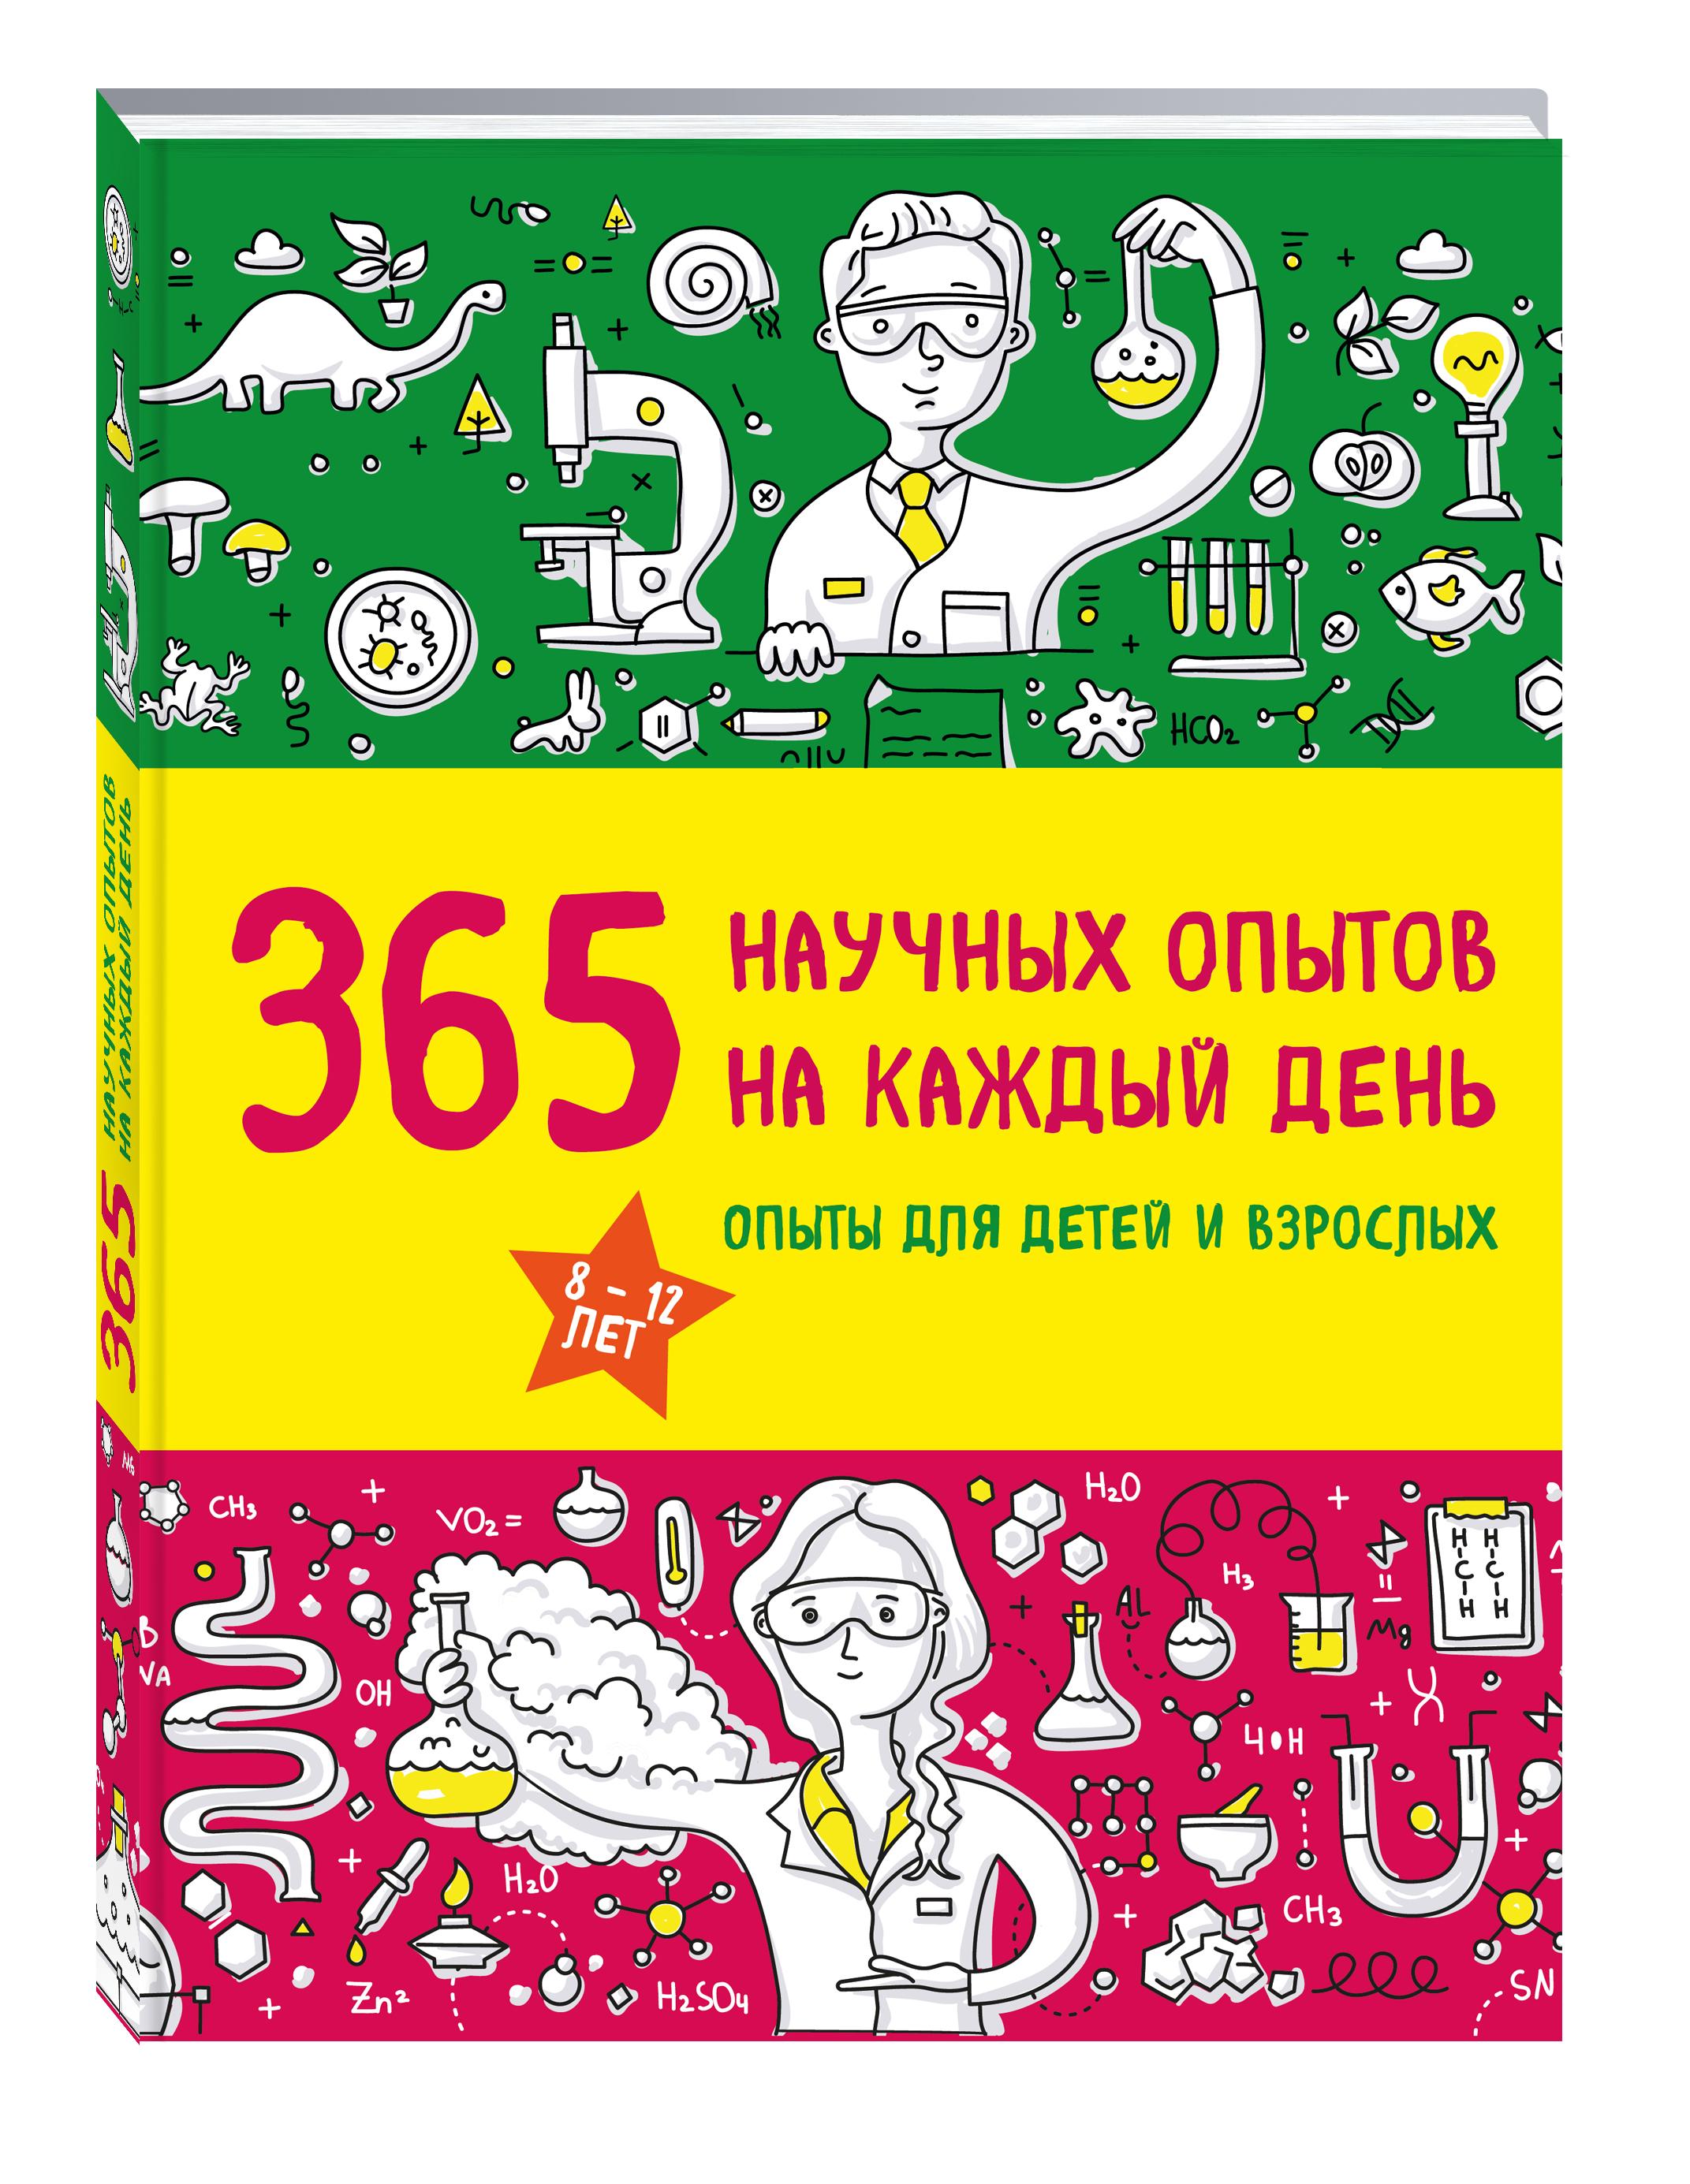 Болушевский С.В., Яковлева М.А. 365 научных опытов на каждый день 365 научных опытов на каждый день